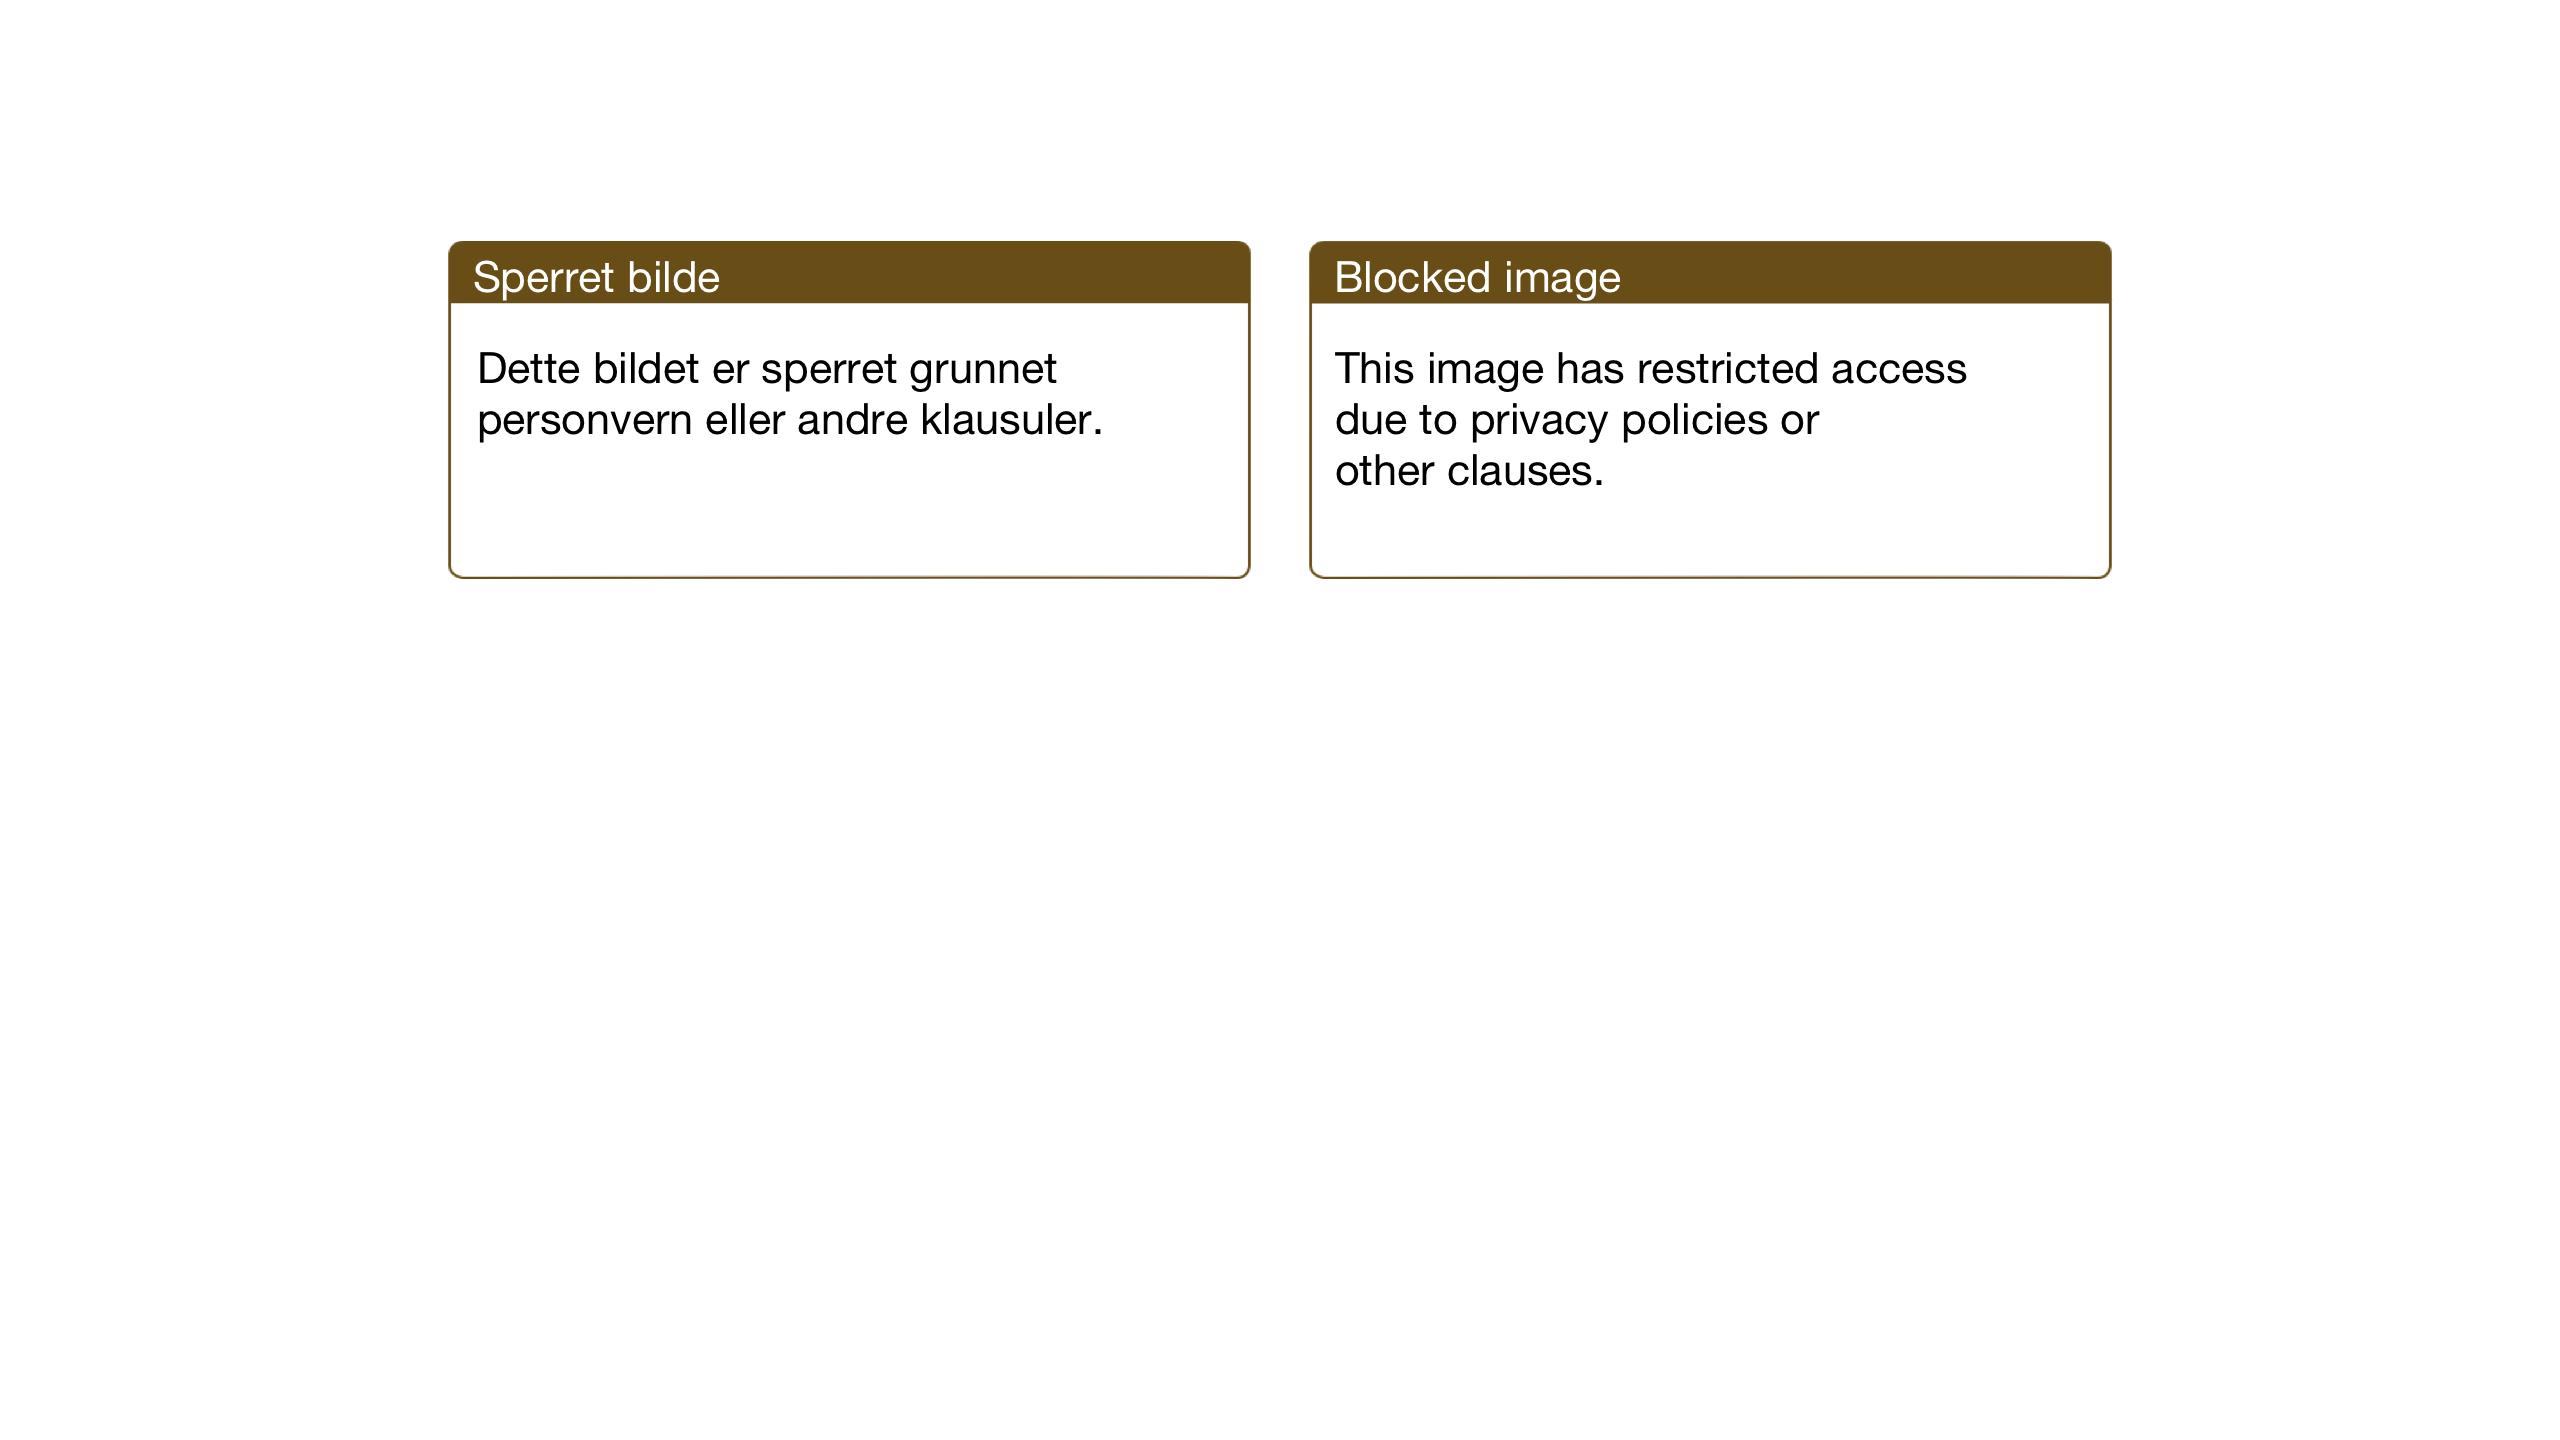 SAT, Ministerialprotokoller, klokkerbøker og fødselsregistre - Nord-Trøndelag, 774/L0631: Klokkerbok nr. 774C02, 1934-1950, s. 10